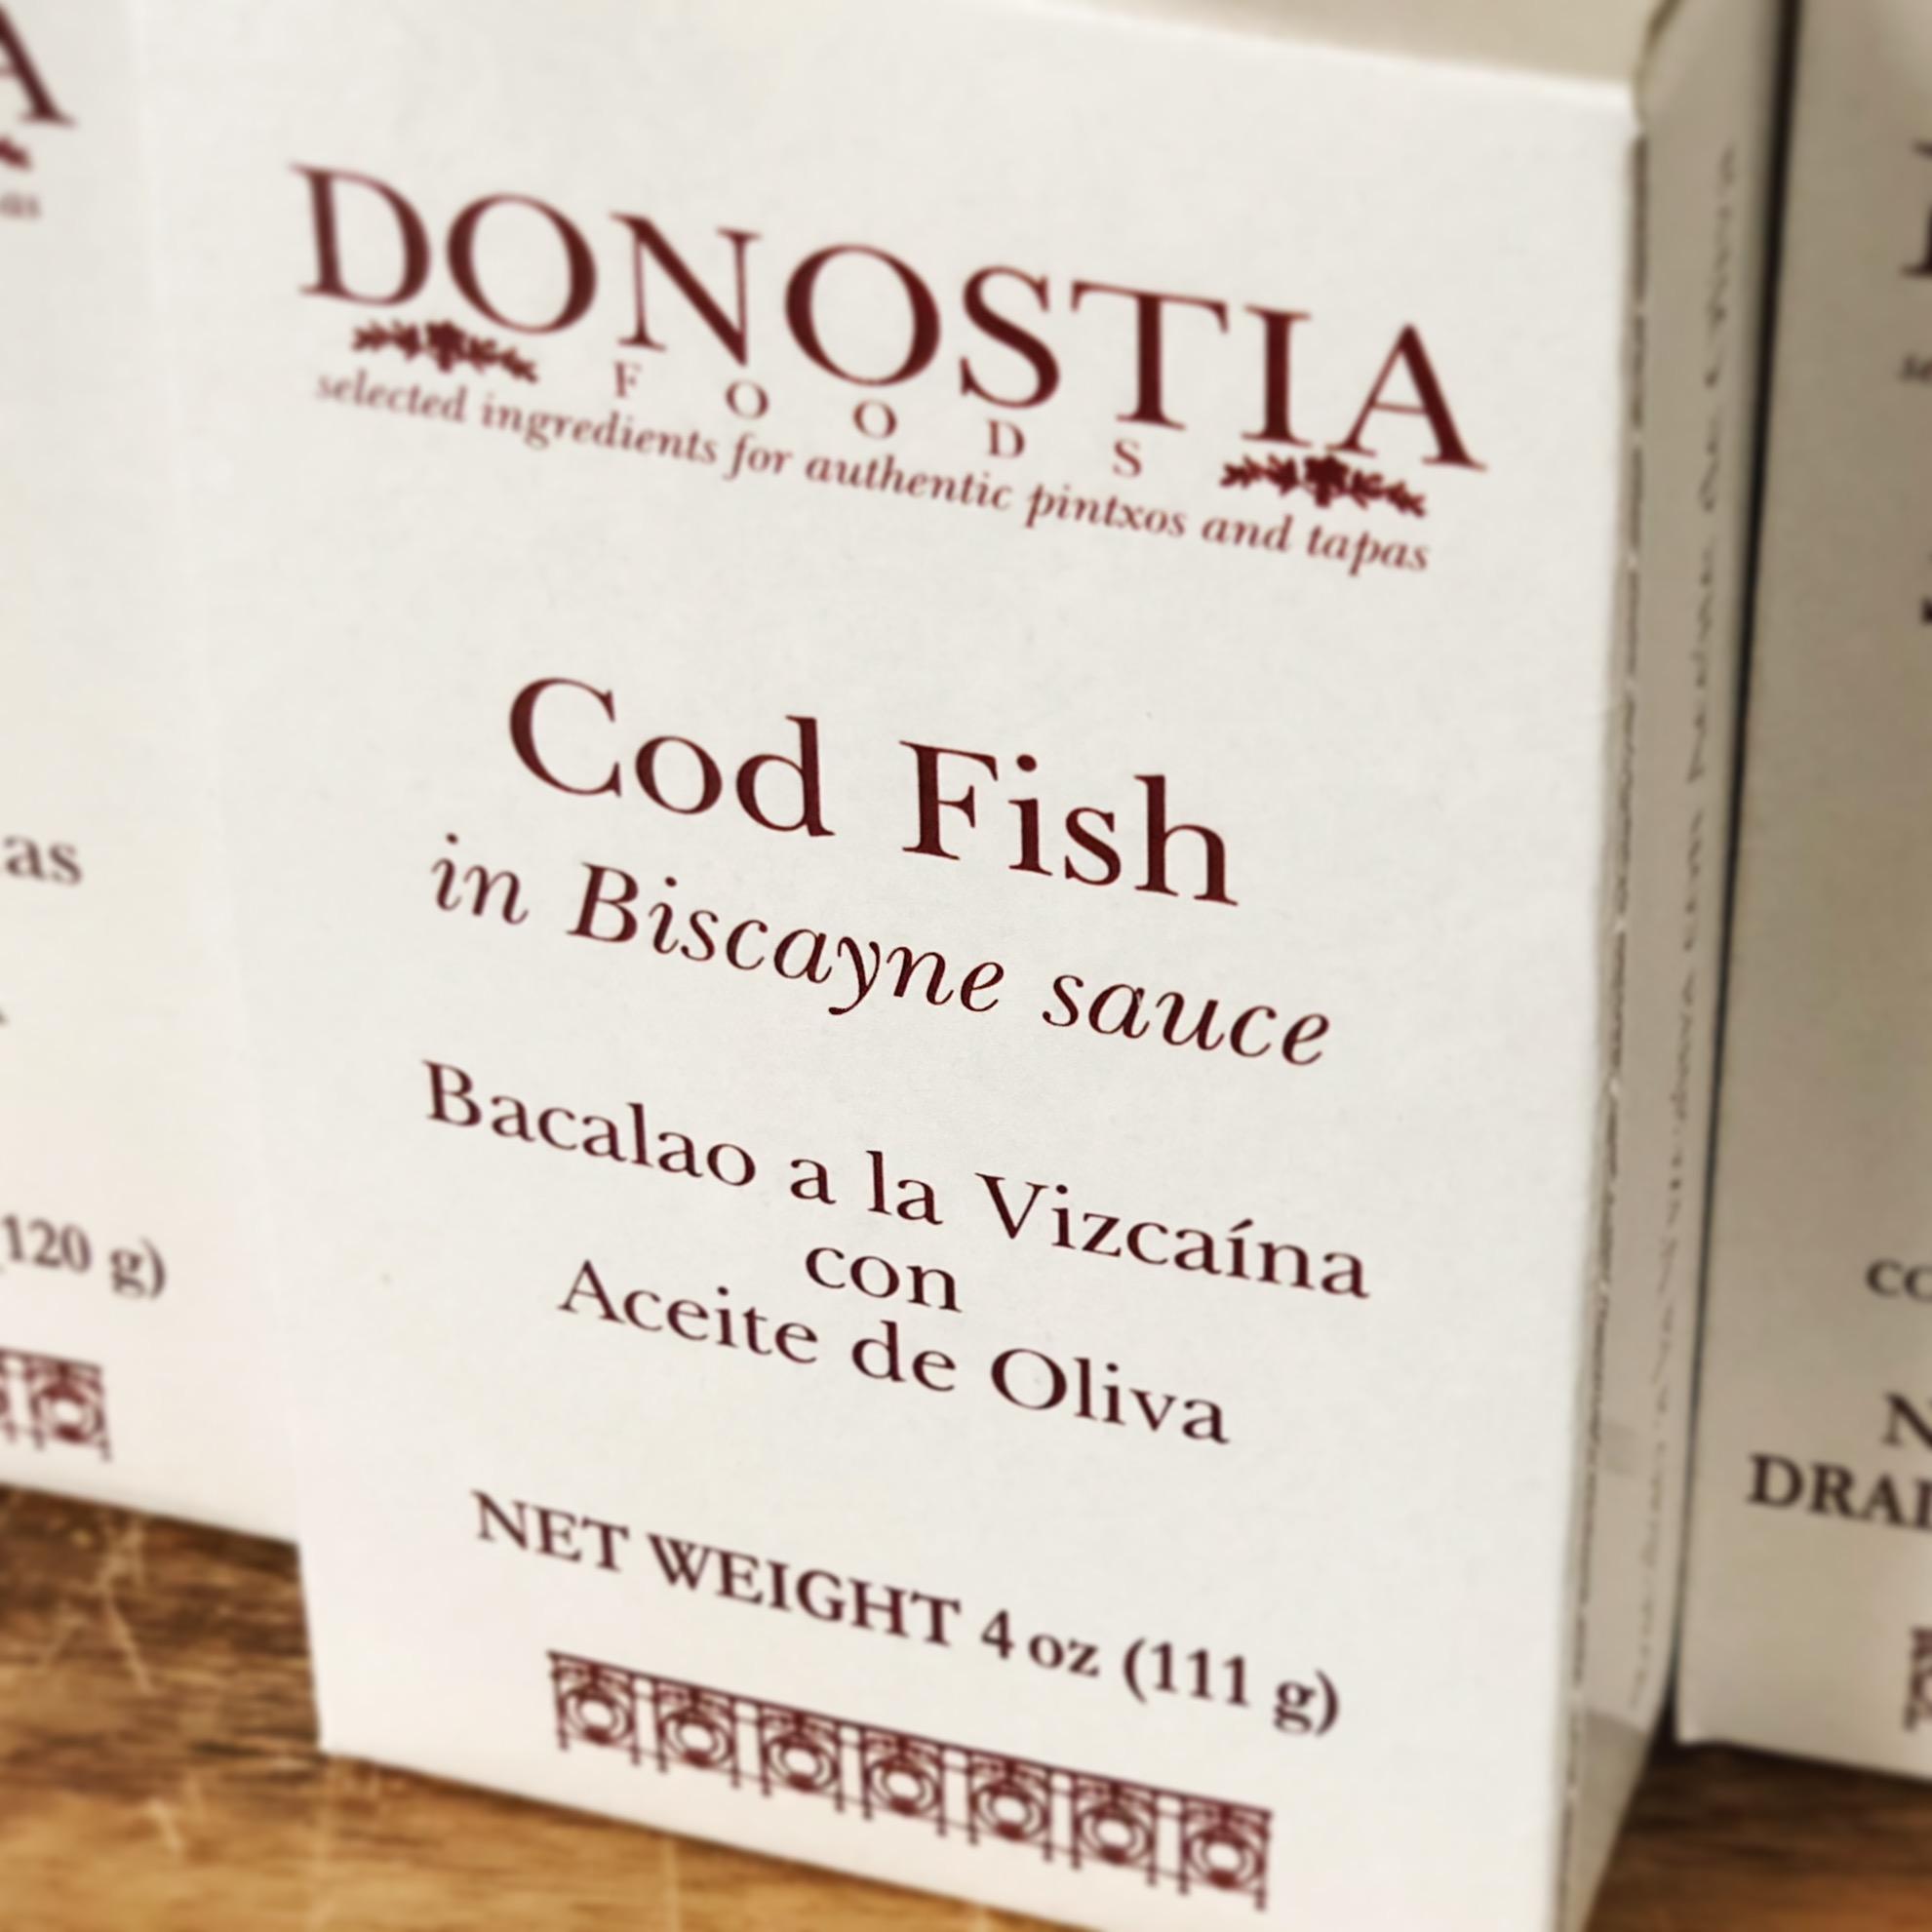 Cod Fish in Biscayne Sauce (Bacalao a la Vizcaíno)